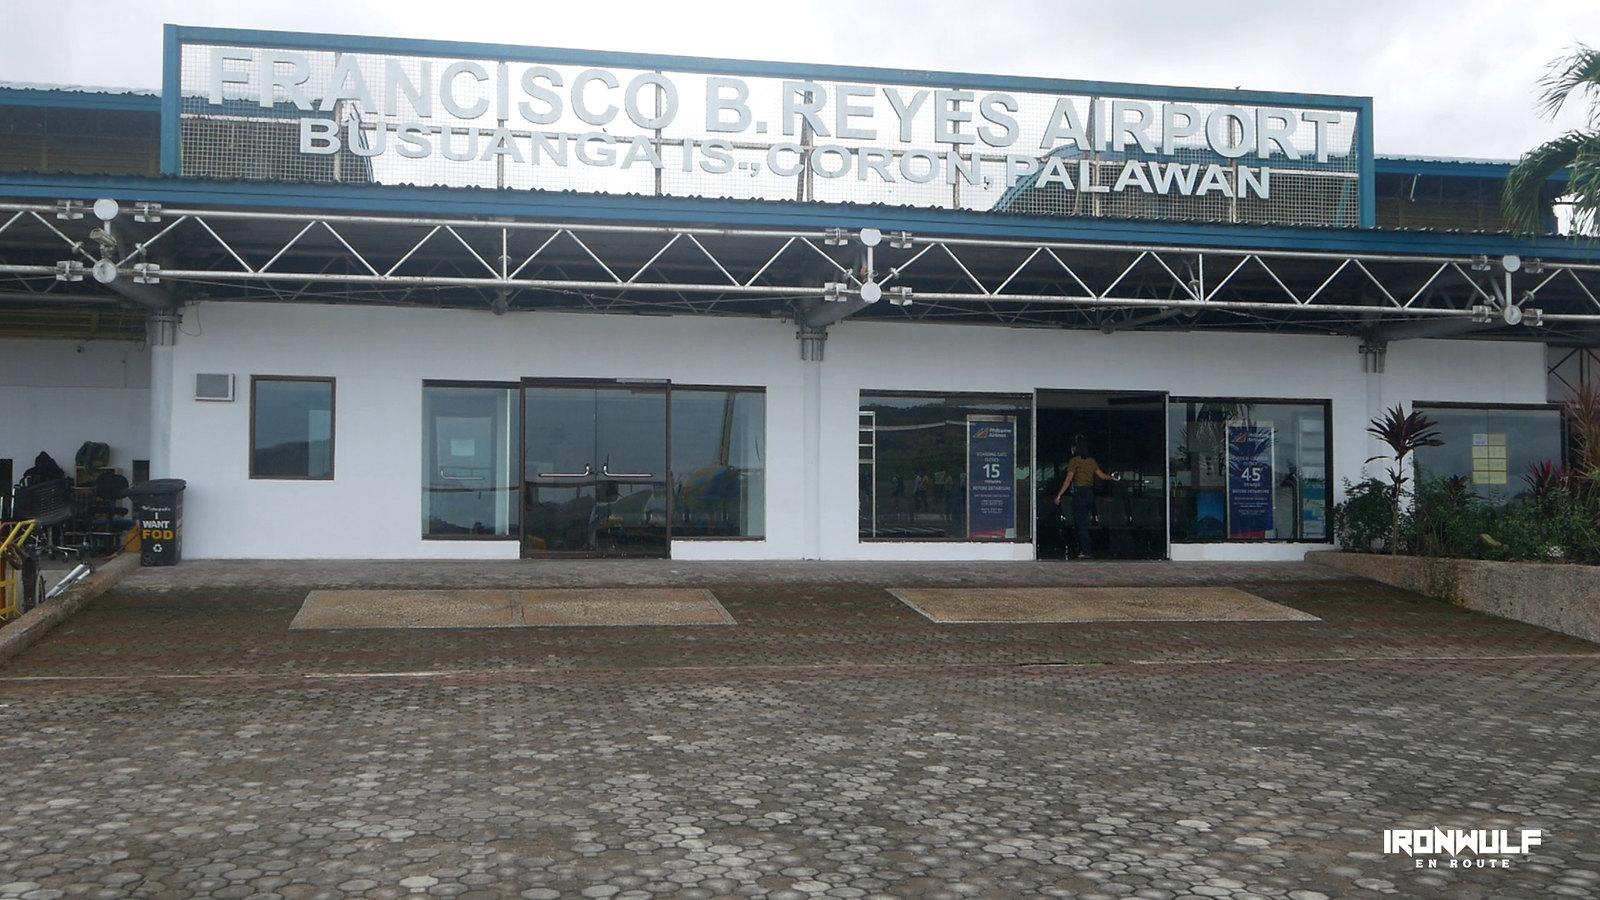 Francisco B Reyes Airport in Busuanga, Coron, Palawan